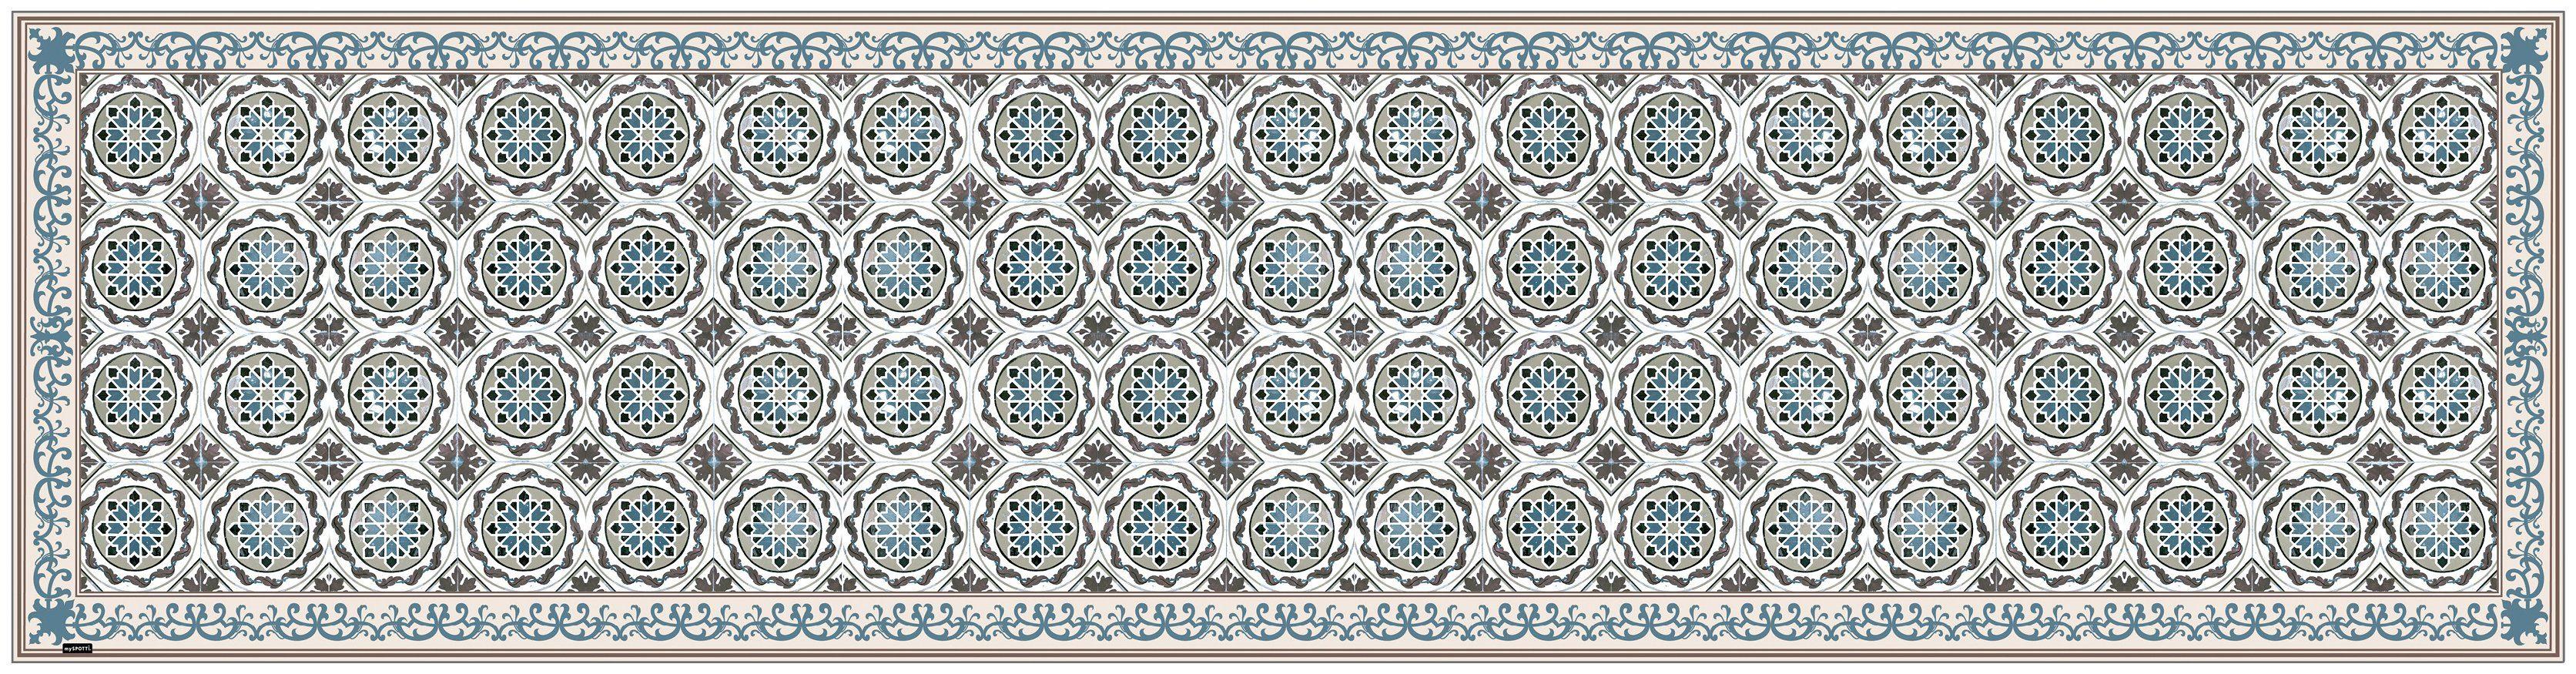 MYSPOTTI Vinylteppich »mySPOTTI buddy Selina«, 155 x 65 cm, statisch haftend